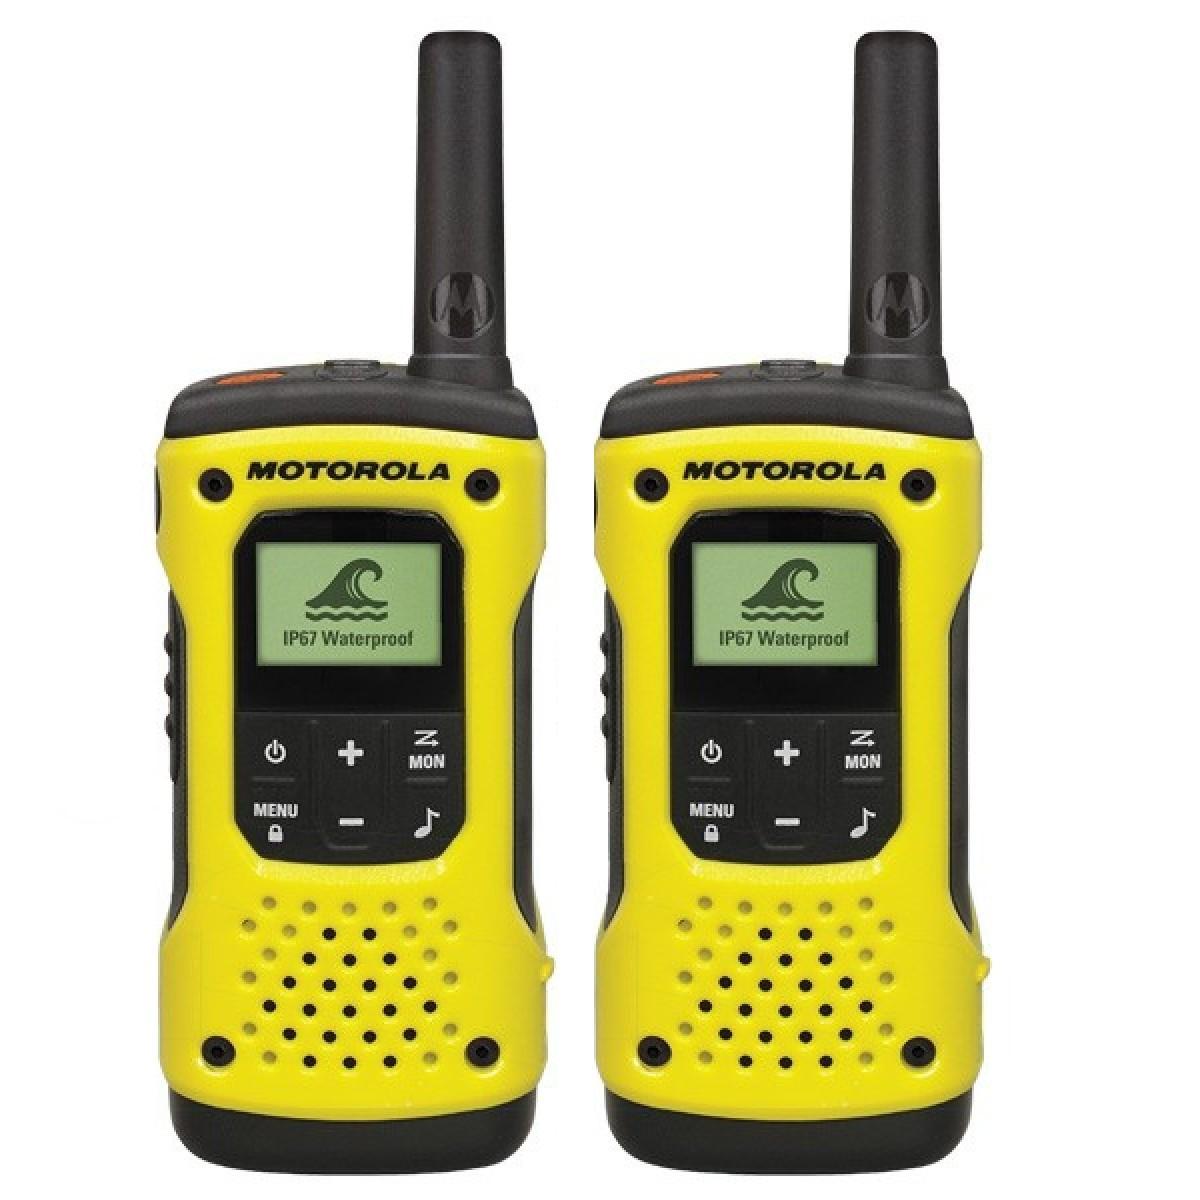 Комплект радиостанций Motorola TLKR-T92 H2OРадиостанции<br>Полнофункциональная надежная рация Motorola TLKR T92 H2O, устойчивая к любым воздействиям окружающей среды, готова к использованию в самых тяжёлых условиях. Благодаря радиусу действия до 10 км &amp;#40;зависит от условий и местности&amp;#41;, влагозащищенному корпусу и возможности подключения целого набора аксессуаров, рация позволит вам оставаться на связи на лесных тропах и высоко в горах.<br><br>Расширенные возможности<br>Новые радиостанции имеют степень защиты IP67 — полностью водонепроницаемые, они не боятся погружения в воду и плавают лицом вверх для облегчения поиска,...<br><br>Тип: Комплект радиостанций<br>Стандарт: PMR<br>Диапазон частот: 446.006-446.094 МГц<br>Мощность передатчика: 0.5 Вт<br>Радиус действия: 10 км<br>Количество каналов: 8<br>Поддержка кодирования: CTCSS, DCS<br>Количество элементов питания: 1<br>Тип аккумулятора: Ni-MH<br>Подключение гарнитуры: есть